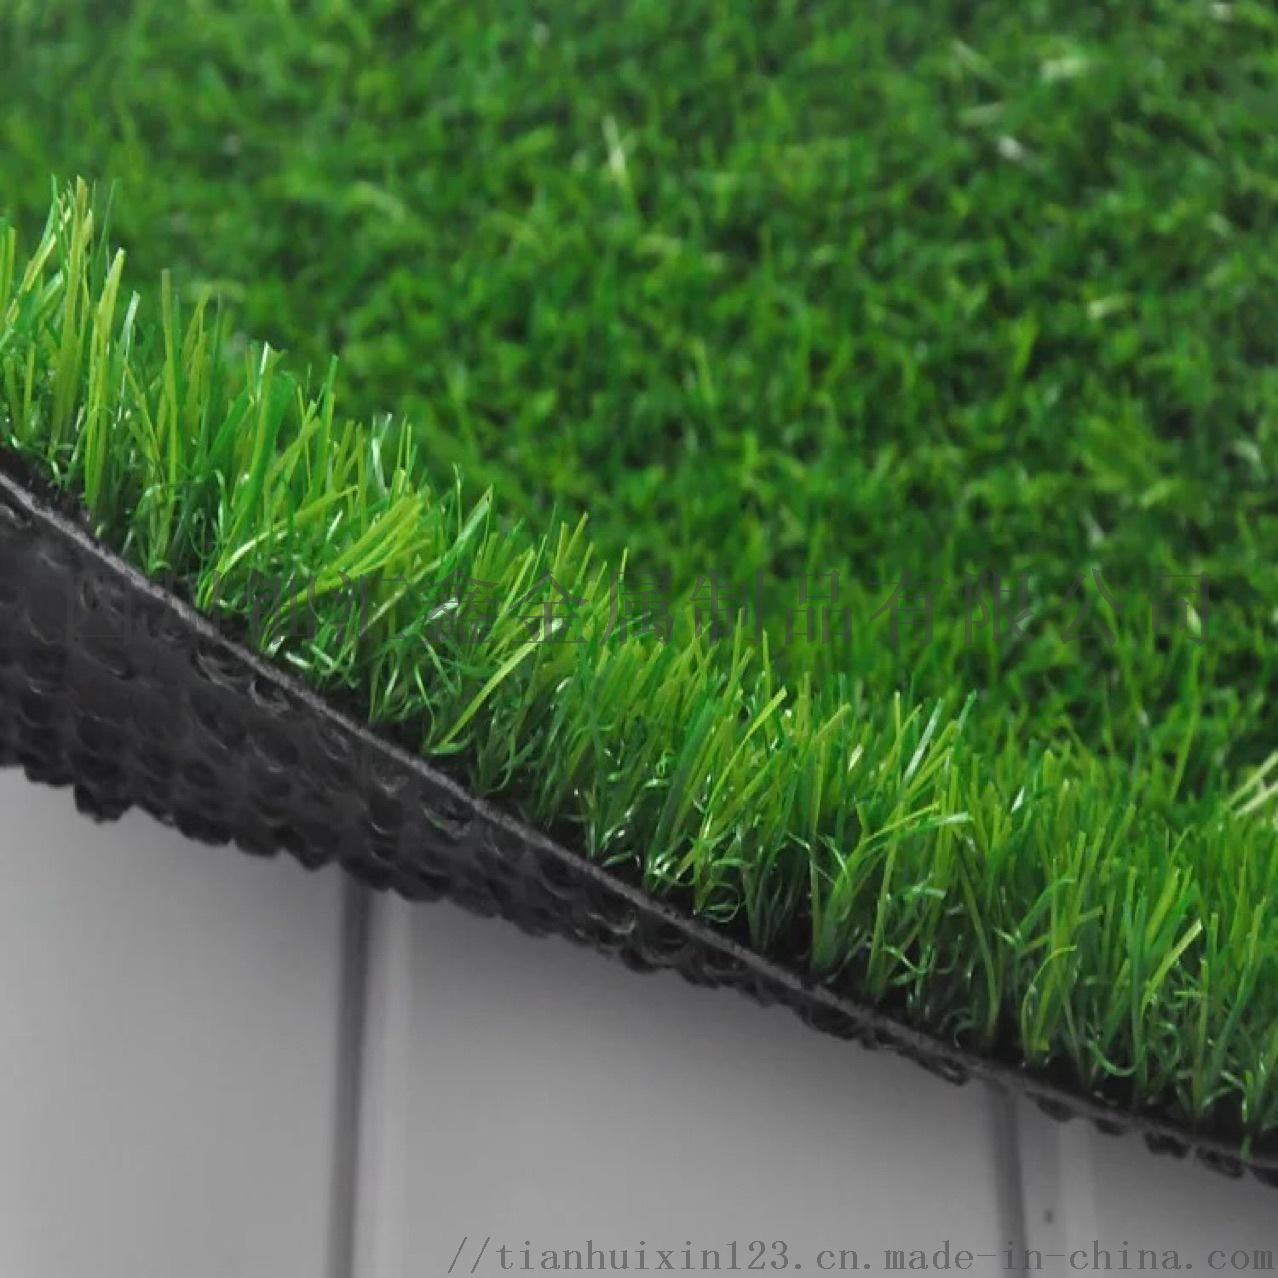 人工草坪仿真草坪围挡学校足球场人造草坪铺设58722822